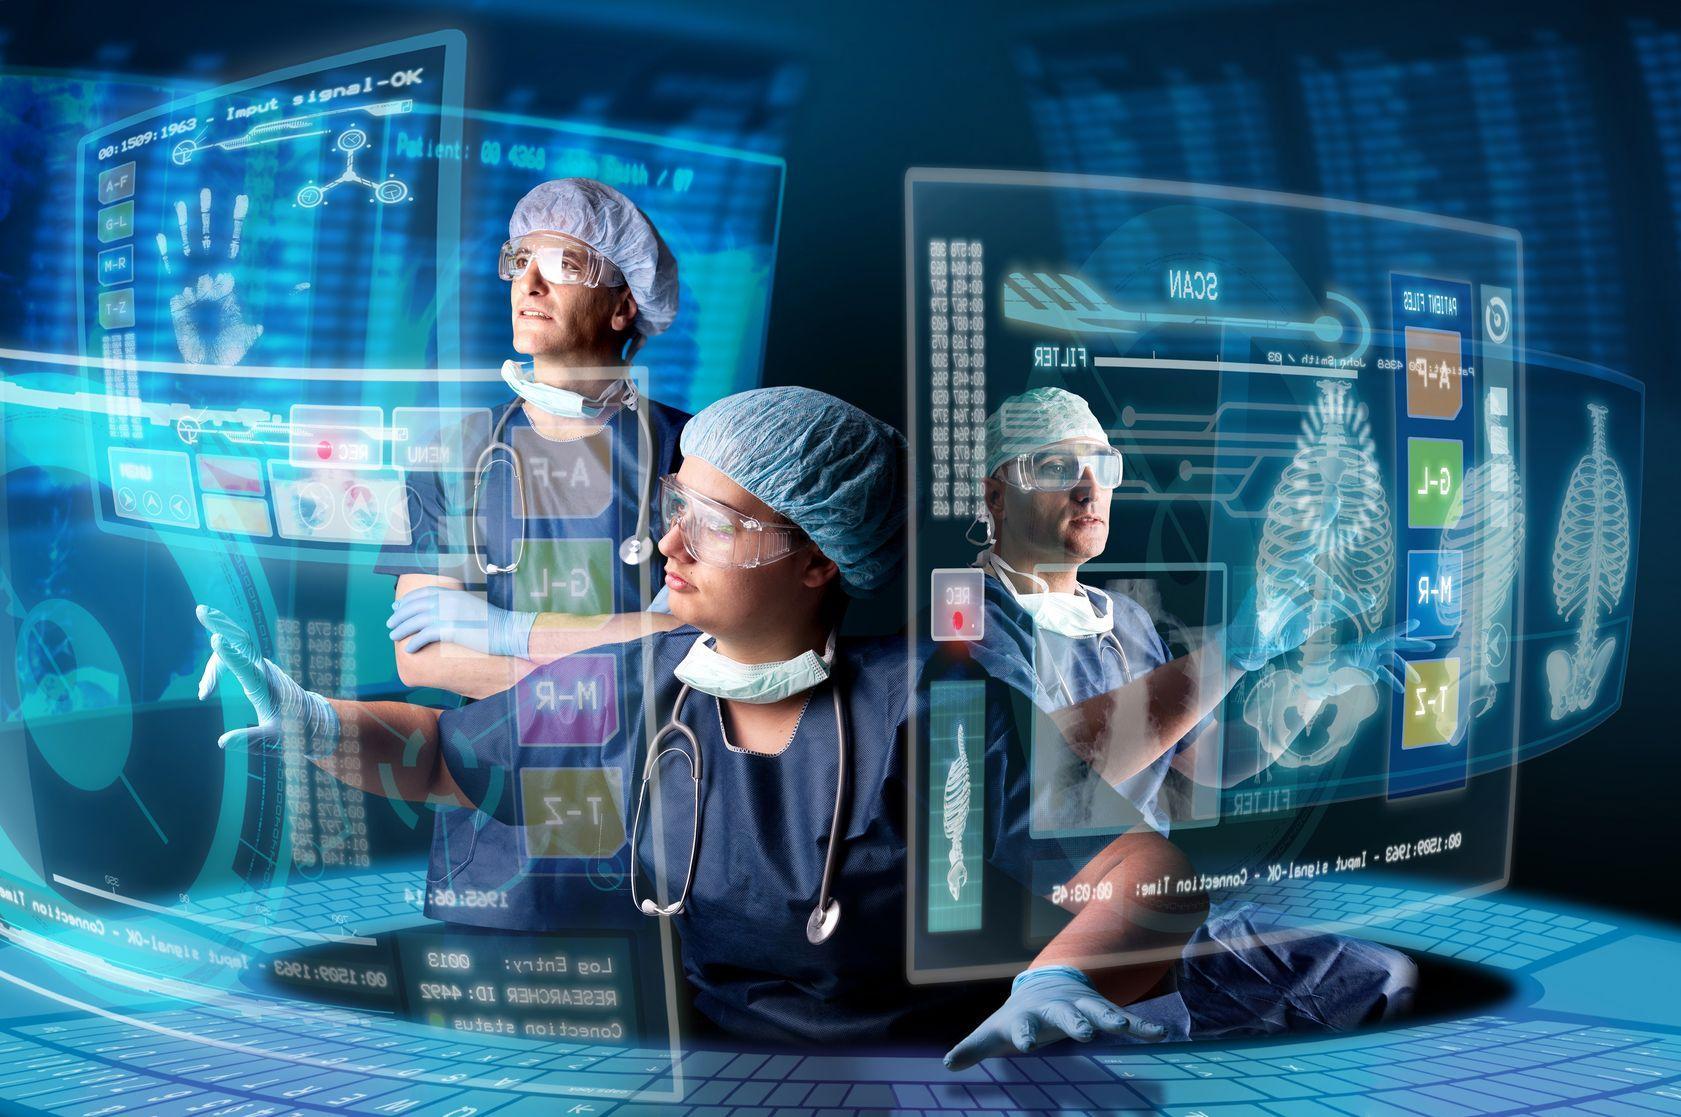 人工智能程序可1秒检测出肠癌 准确率86%